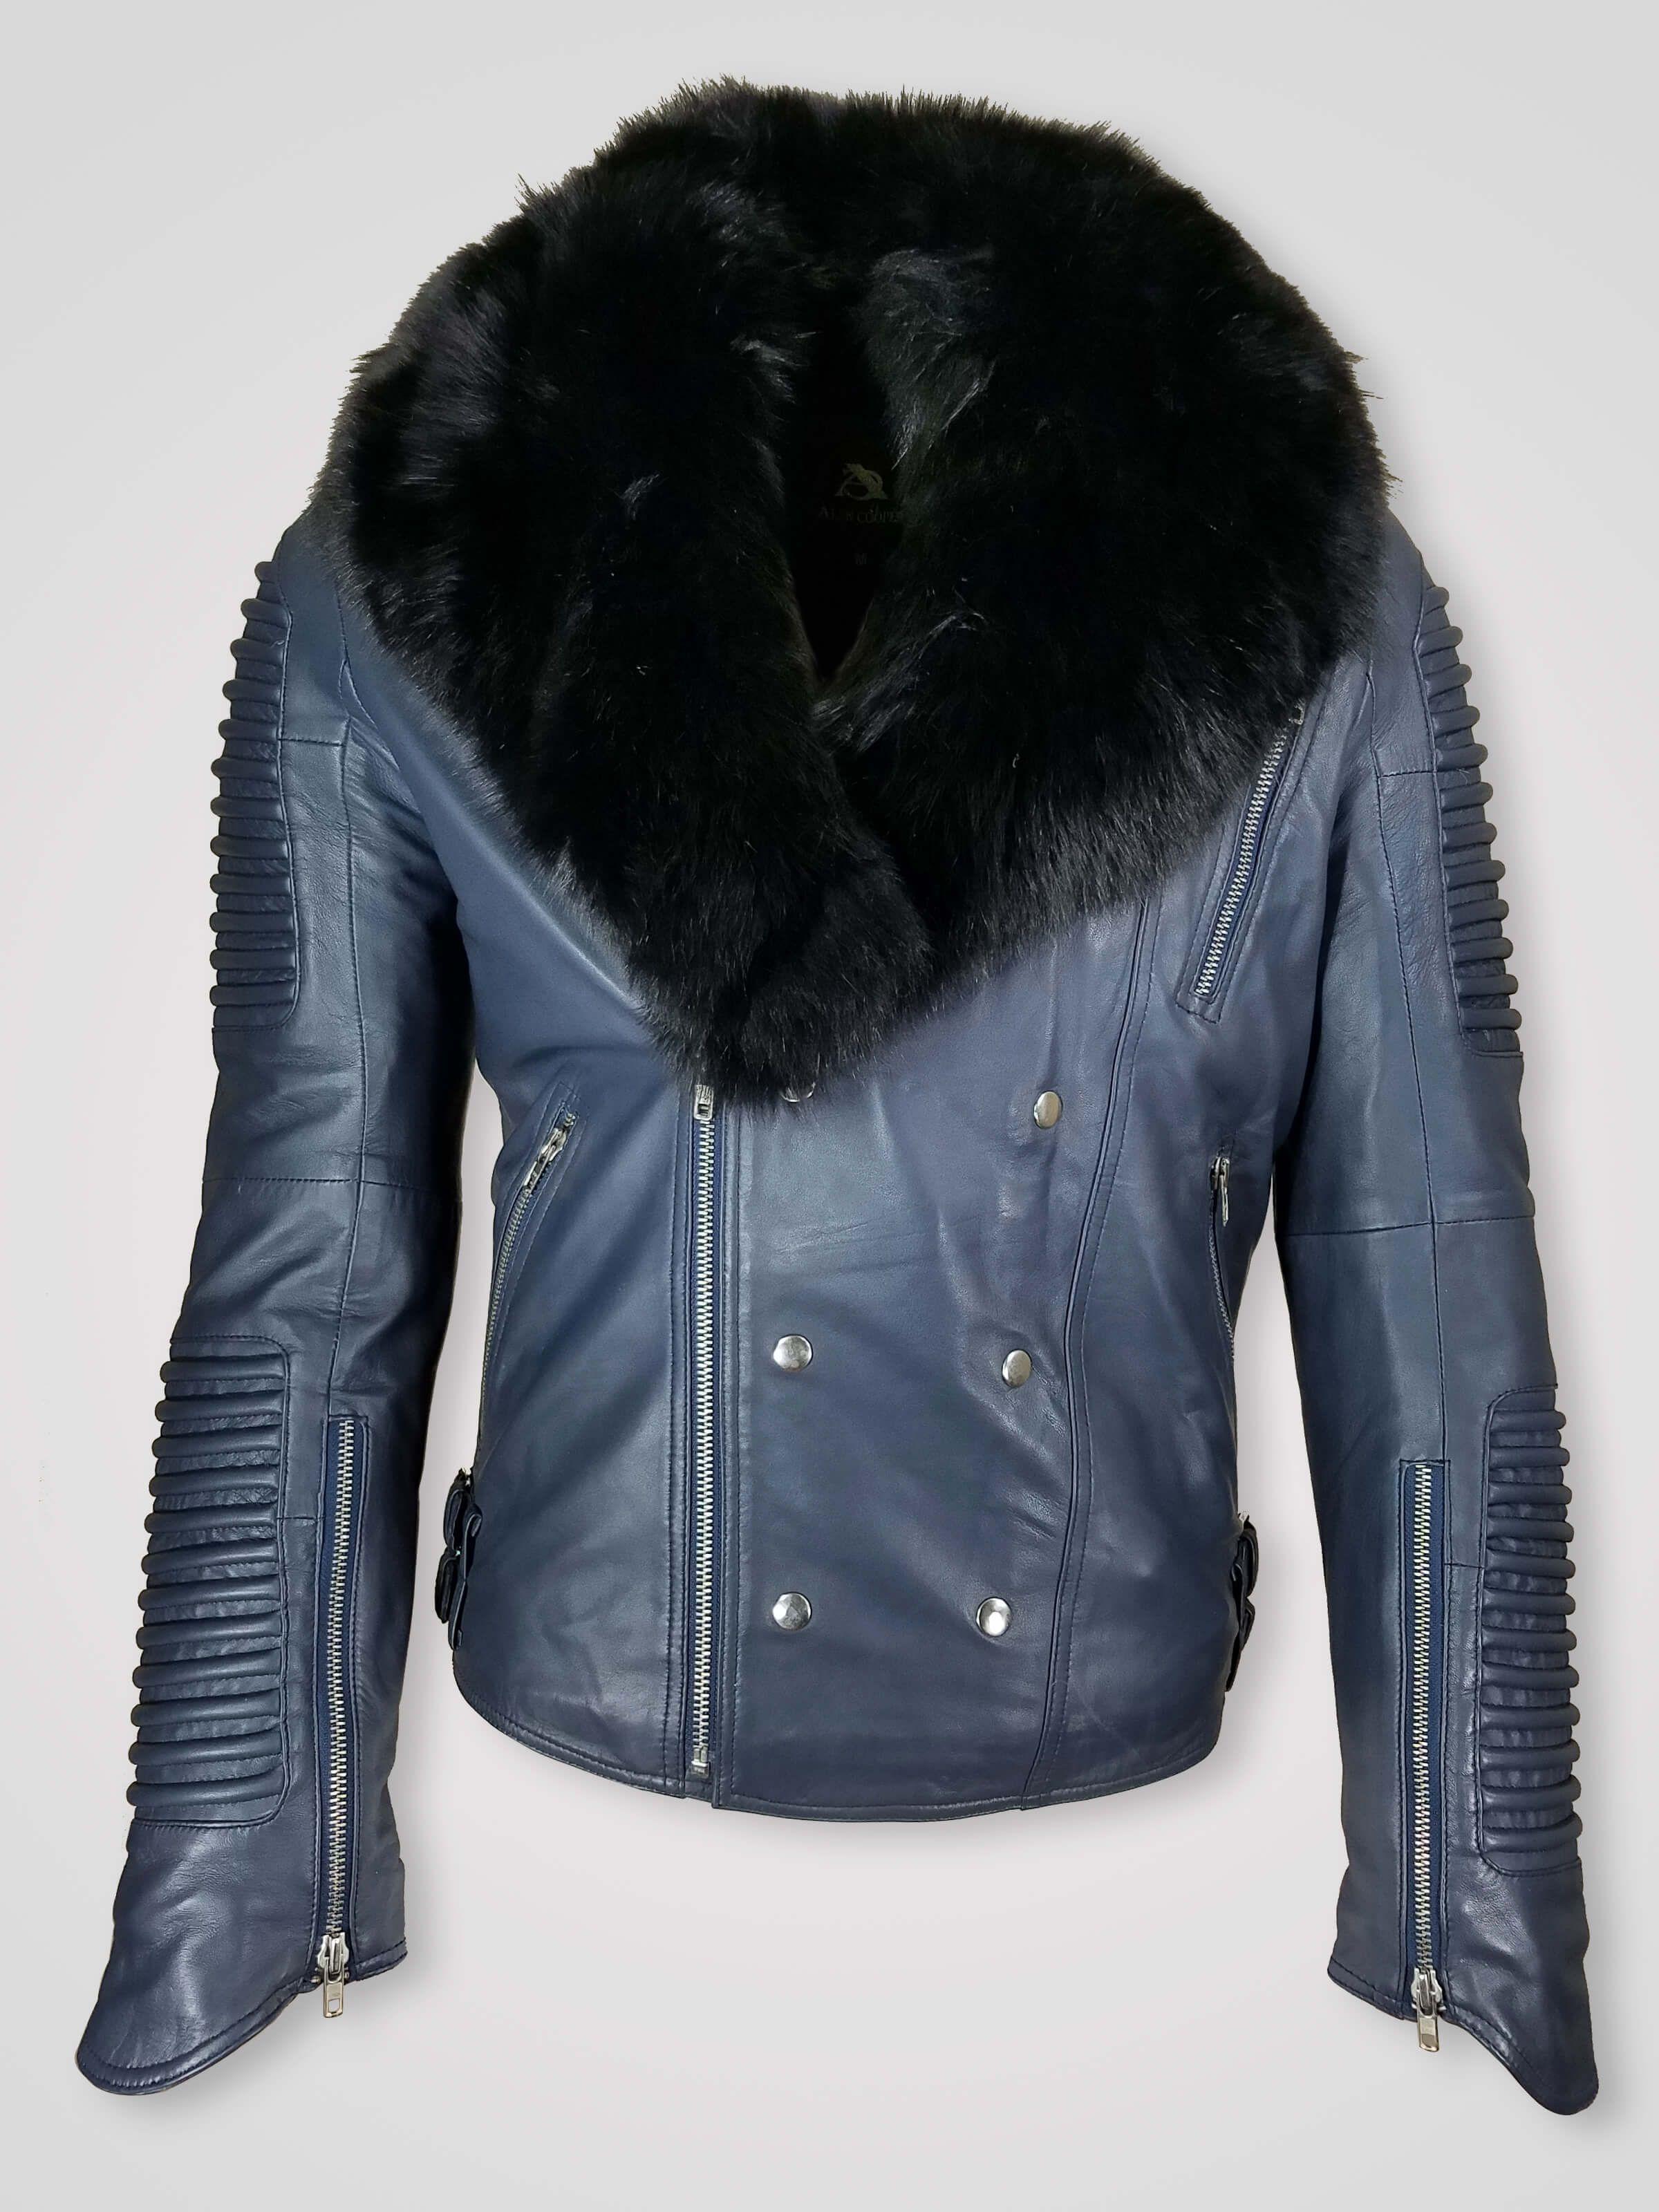 Men's motorcycle biker jacket with detachable fox fur